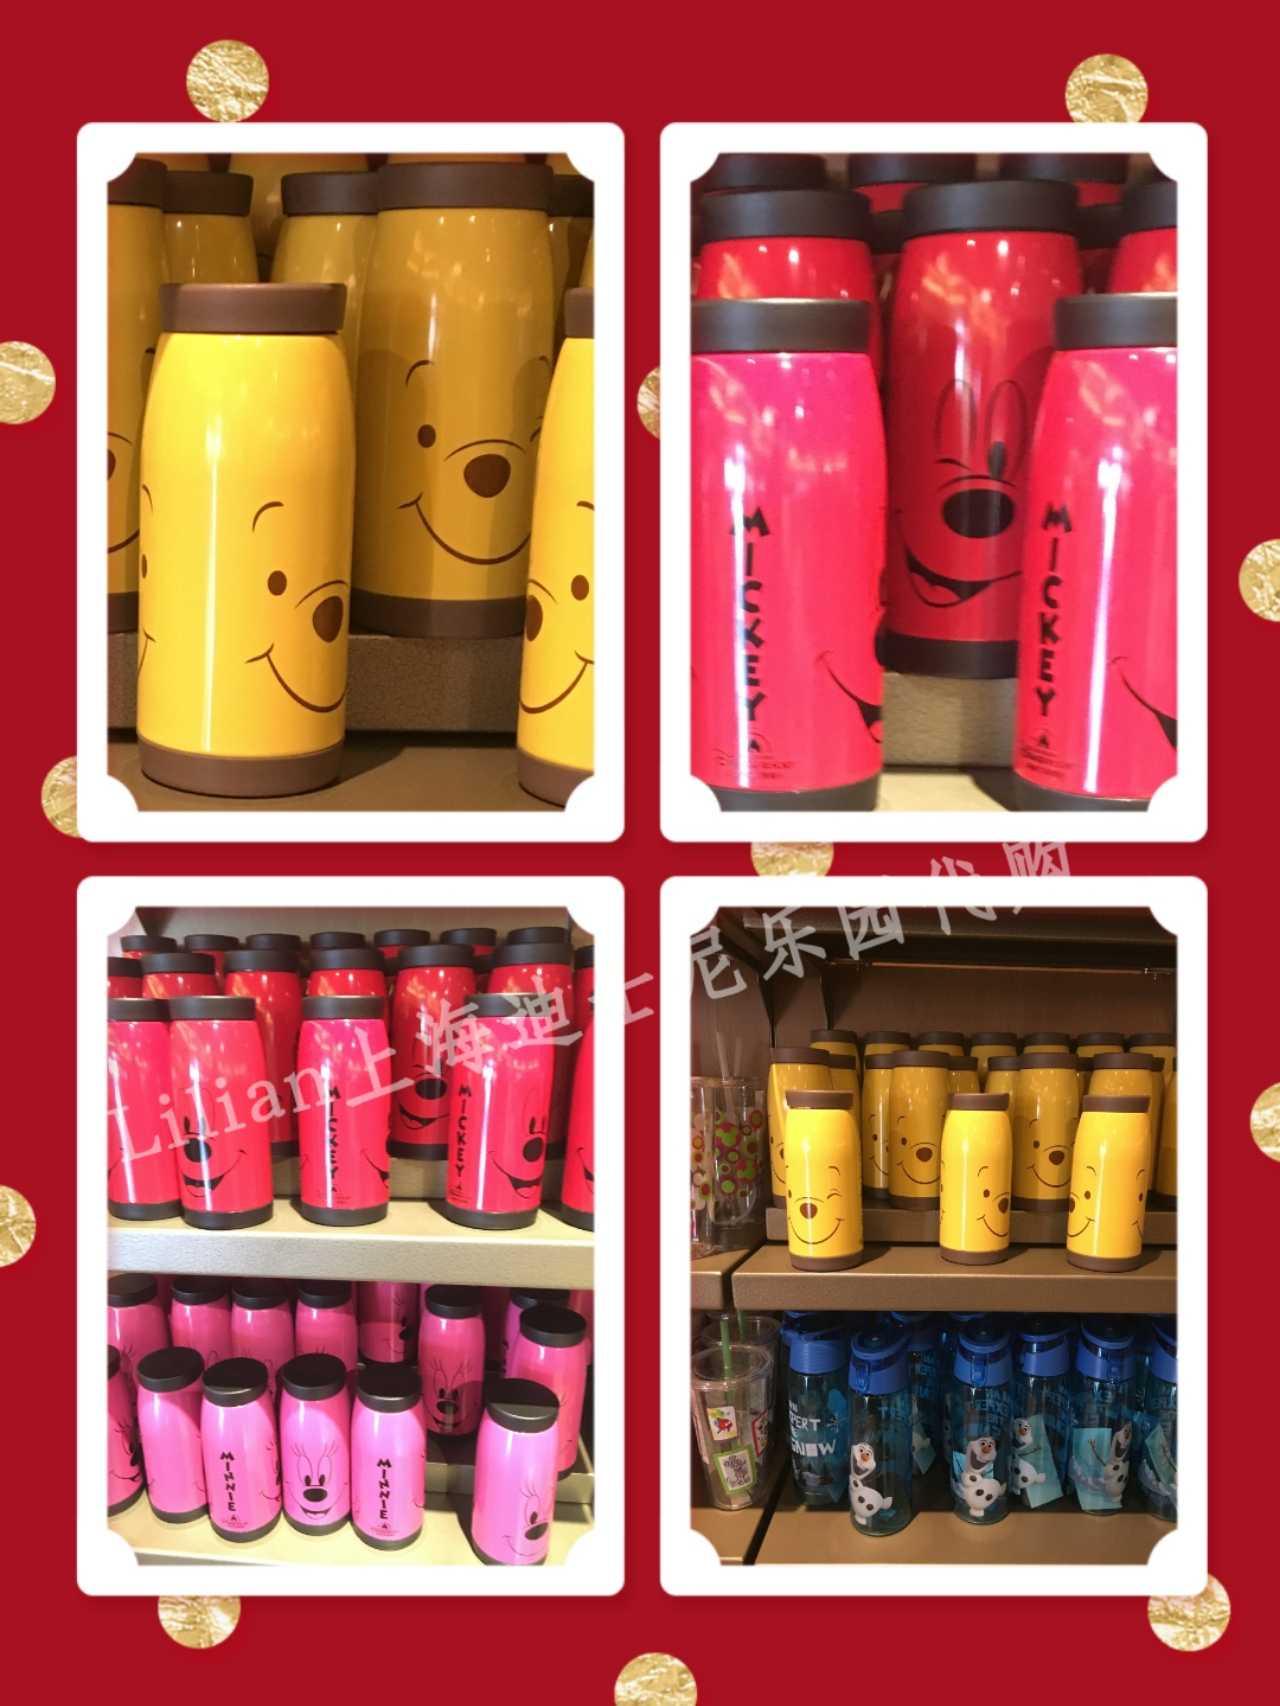 上海迪士尼乐园国内代购米奇米妮小熊维尼不锈钢保温杯子便携水杯